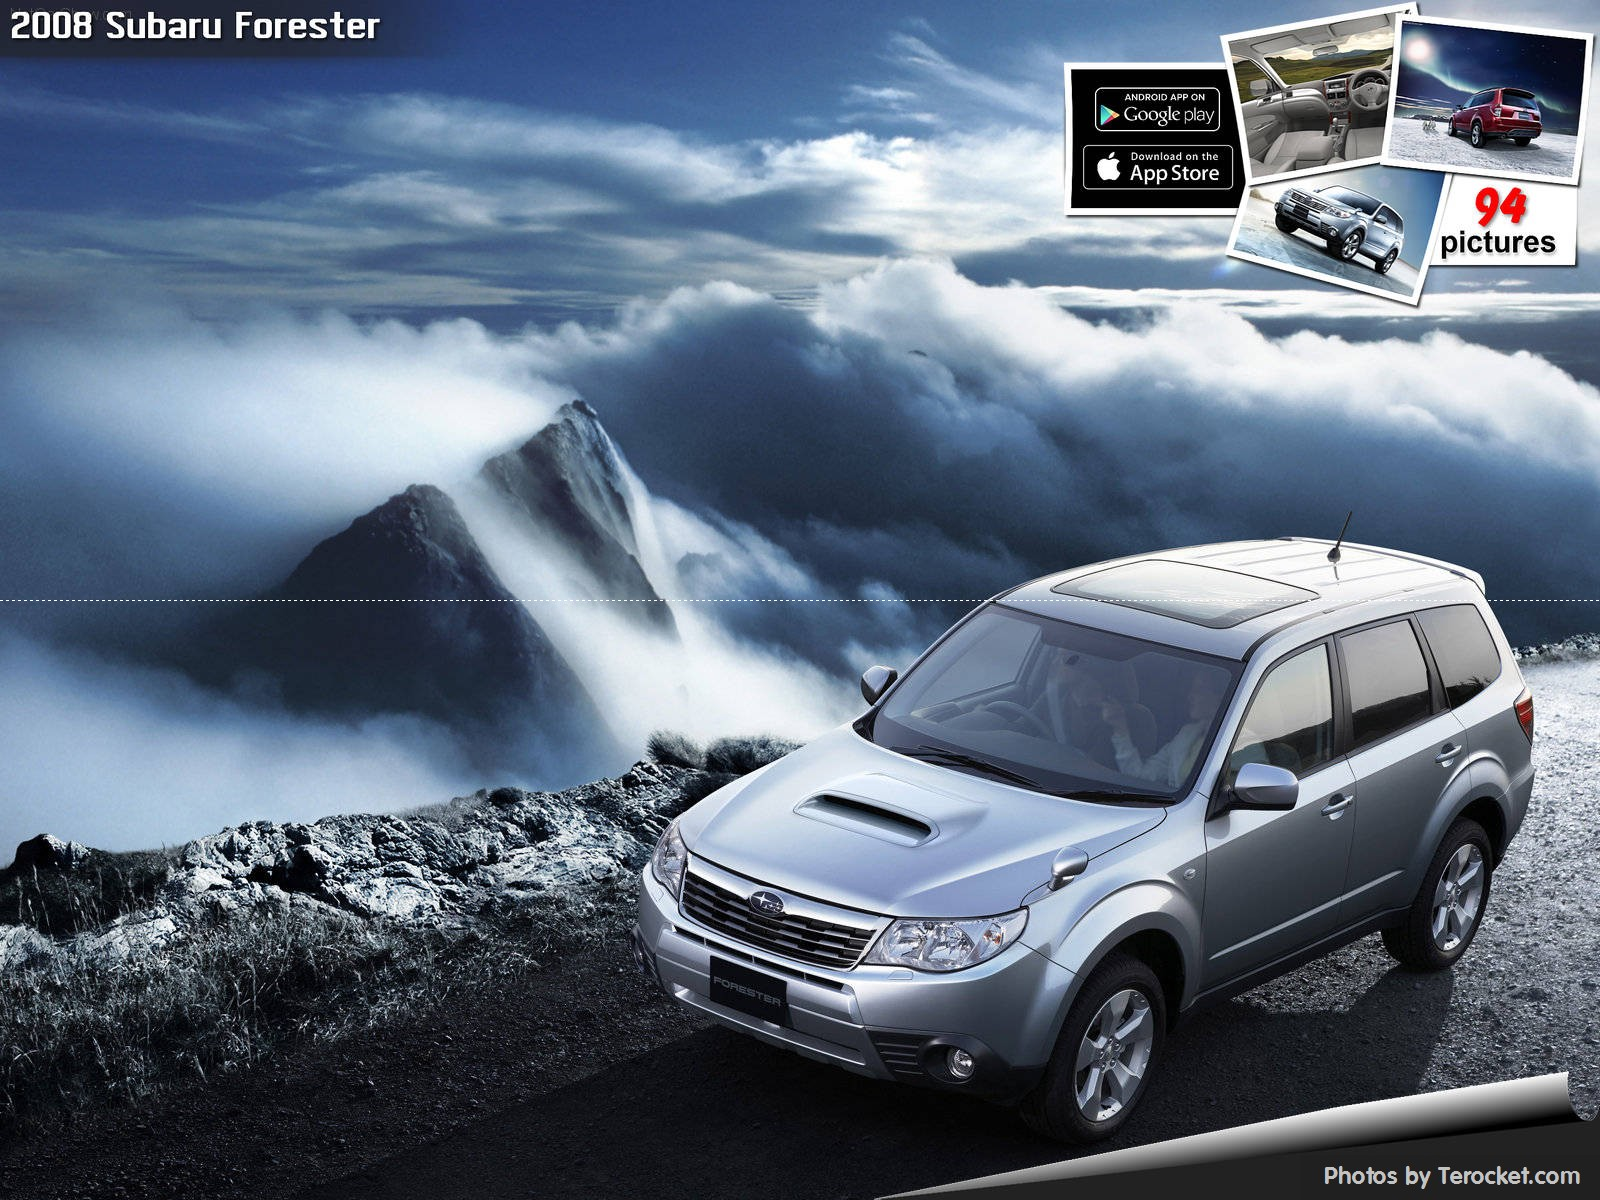 Hình ảnh xe ô tô Subaru Forester 2008 & nội ngoại thất